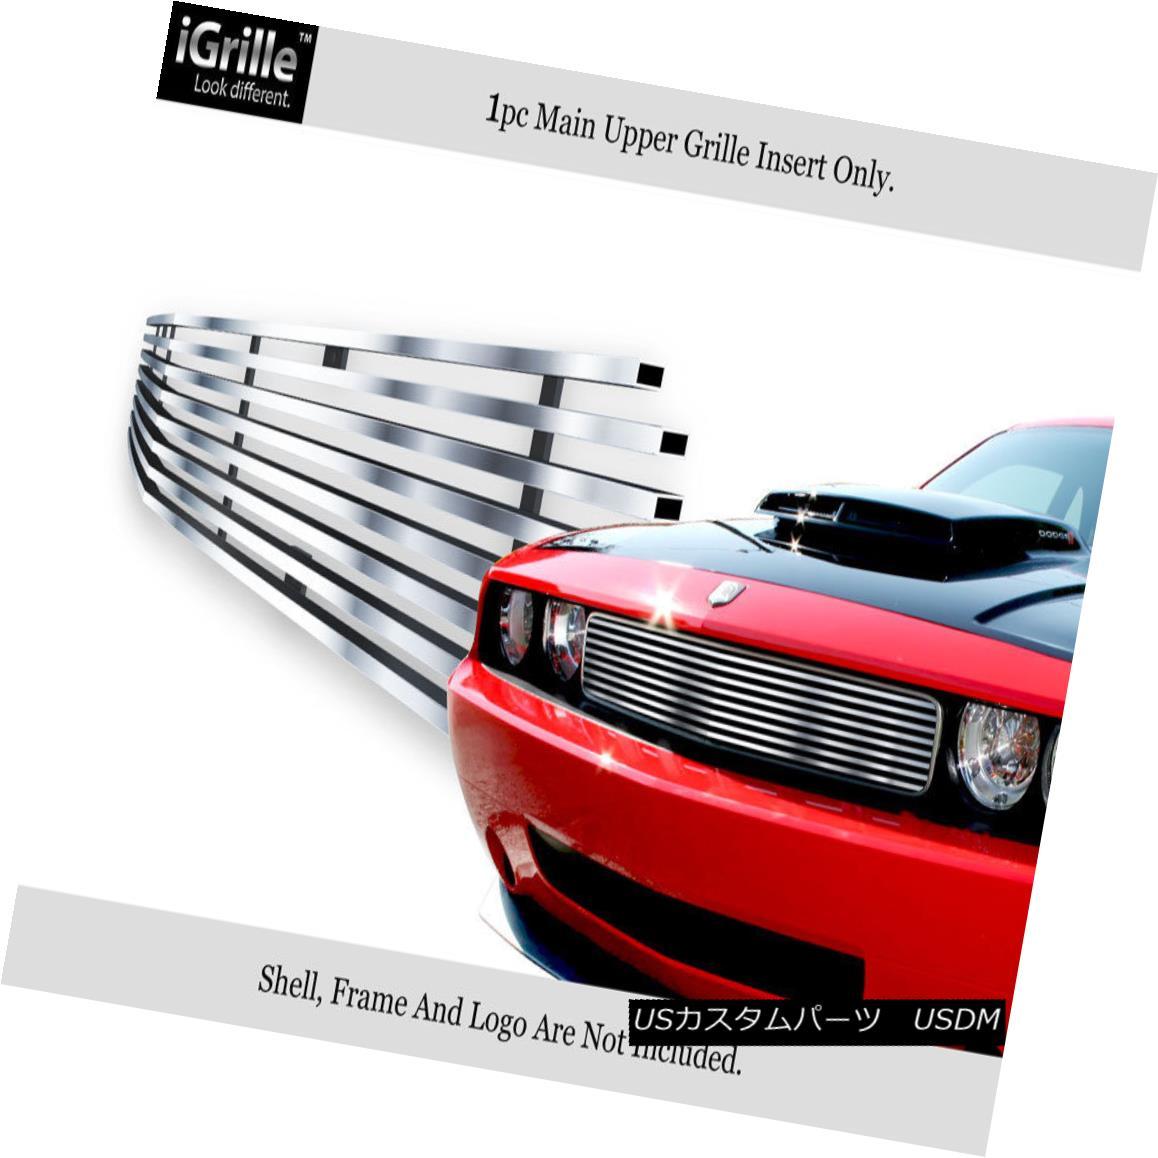 グリル For 2009-2014 Dodge Challenger Stainless Steel Billet Grille Grill Insert 2009-2014年ダッジチャレンジャーステンレス鋼ビレットグリルグリルインサート